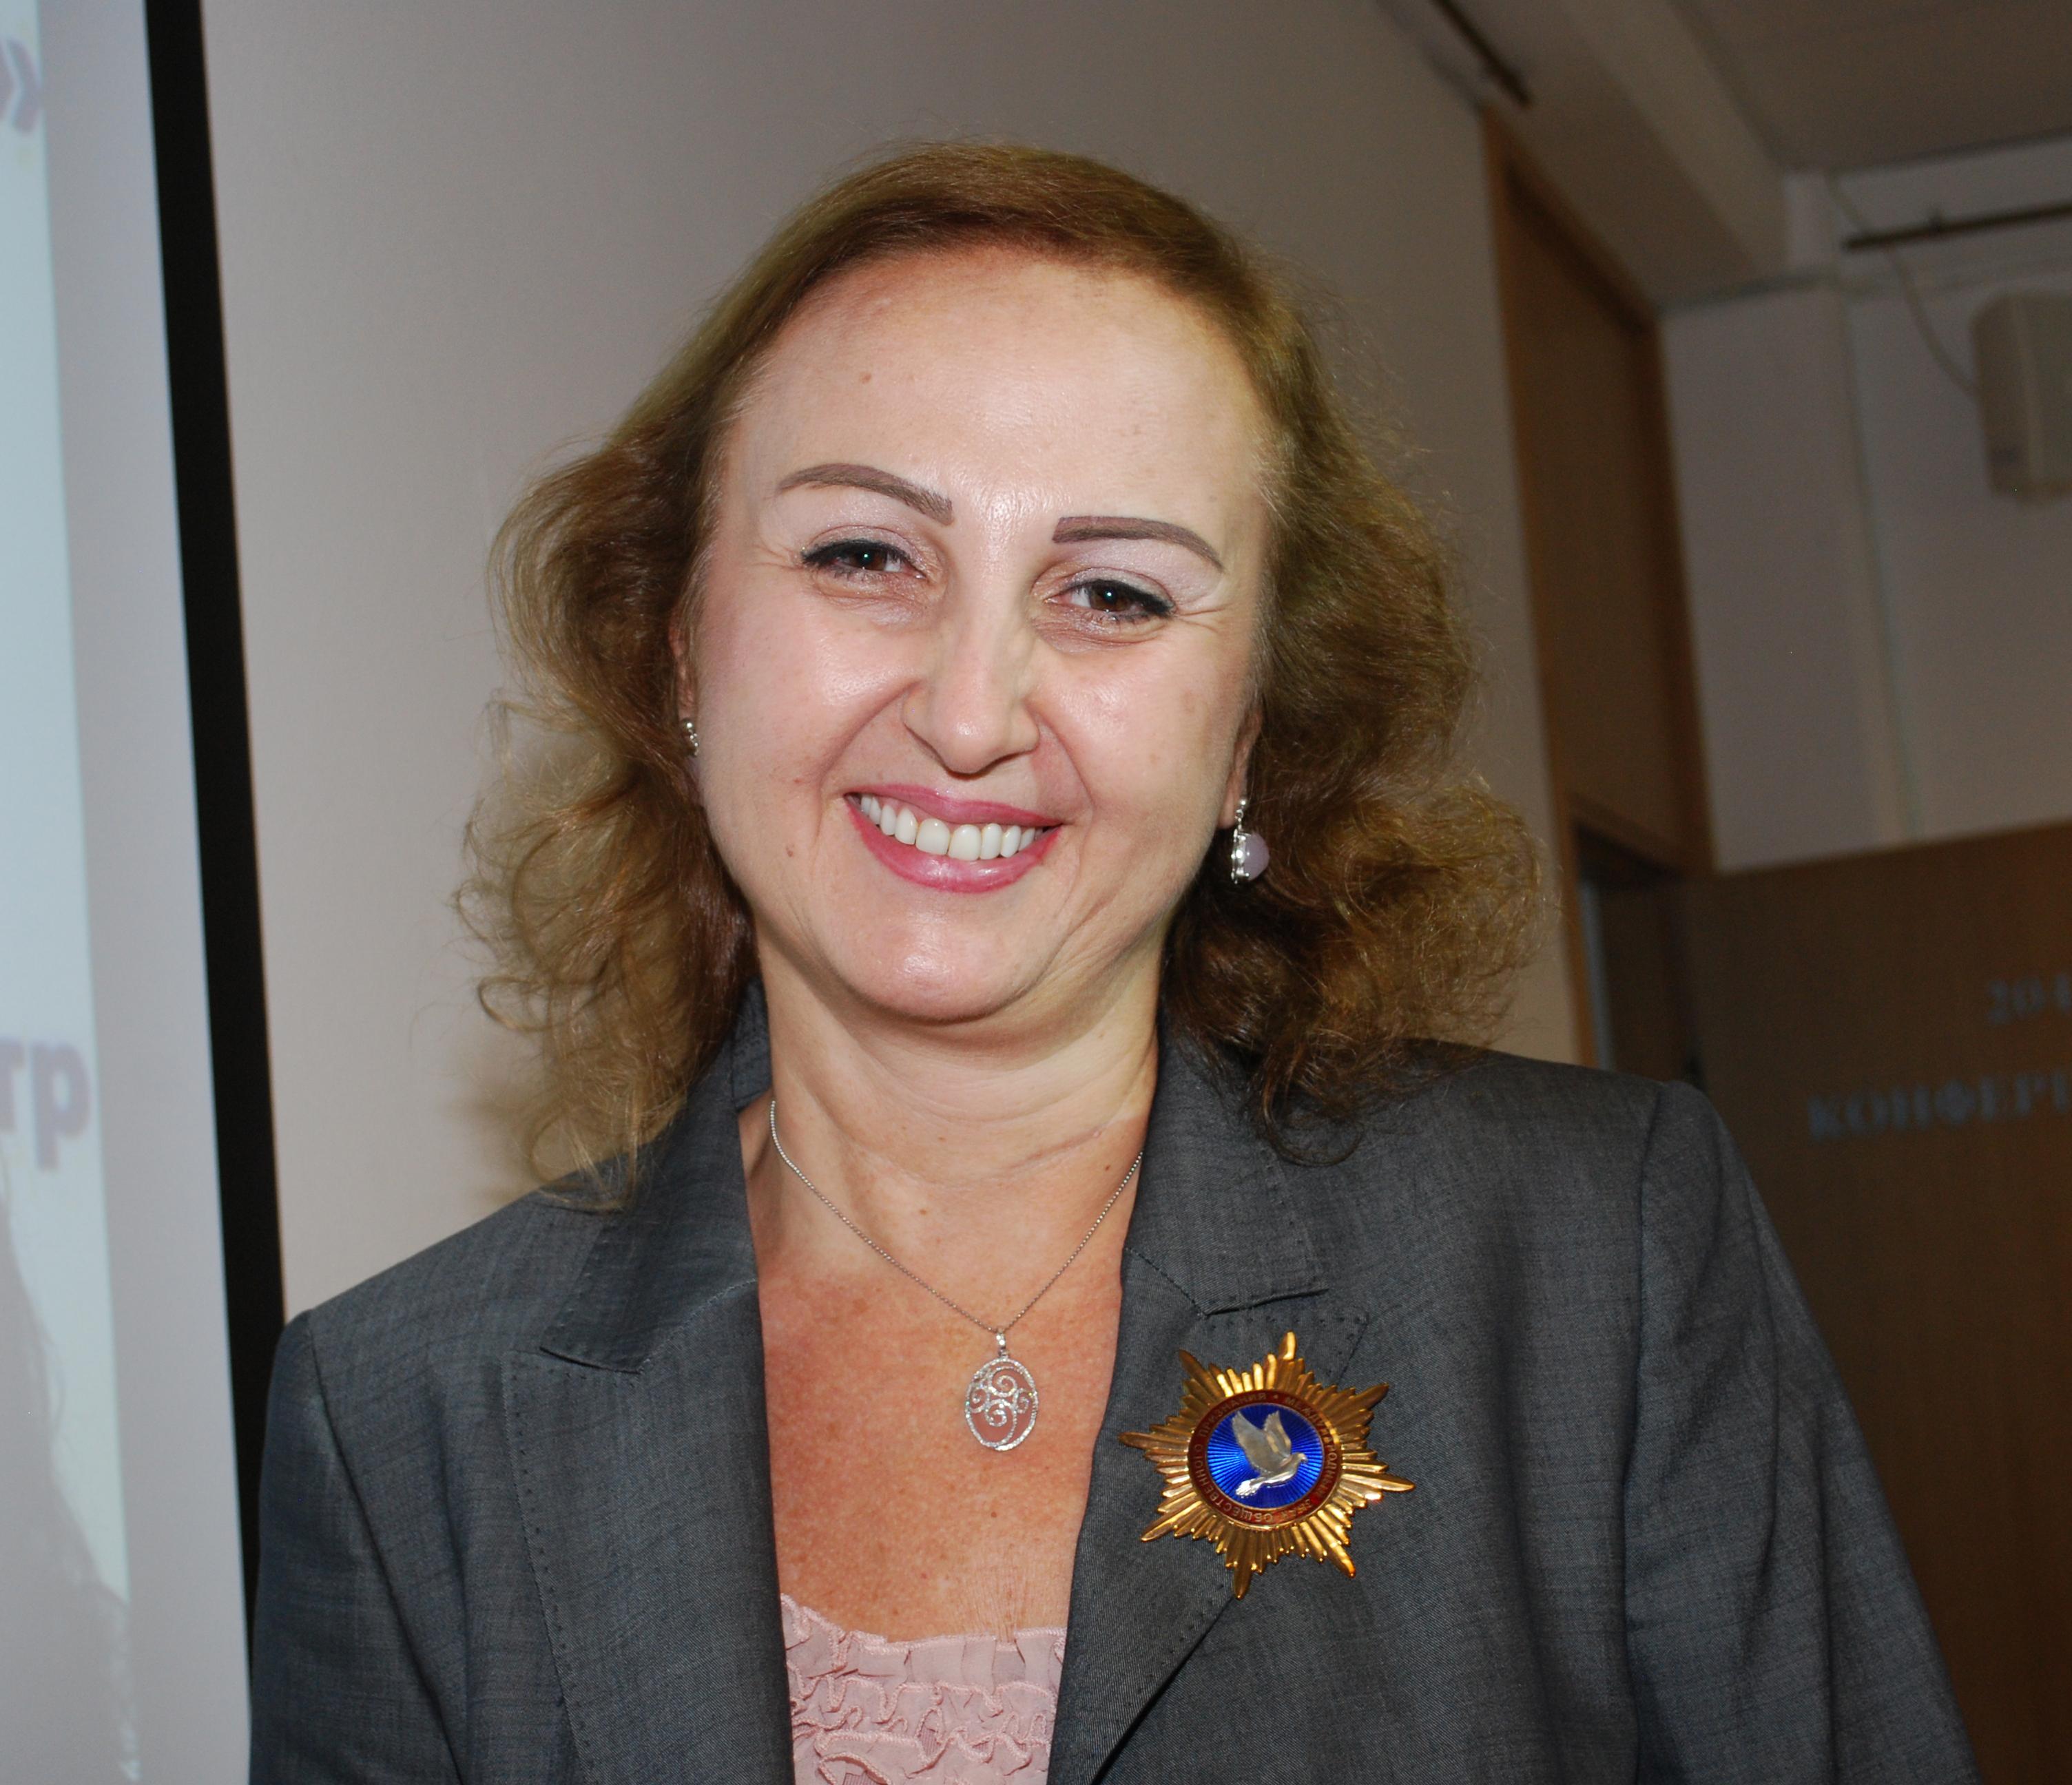 """Ясмина Азхари, Сирия, бизнес дама, носителка на почетния знак на общественото признание """"Сребърен гълъб""""."""